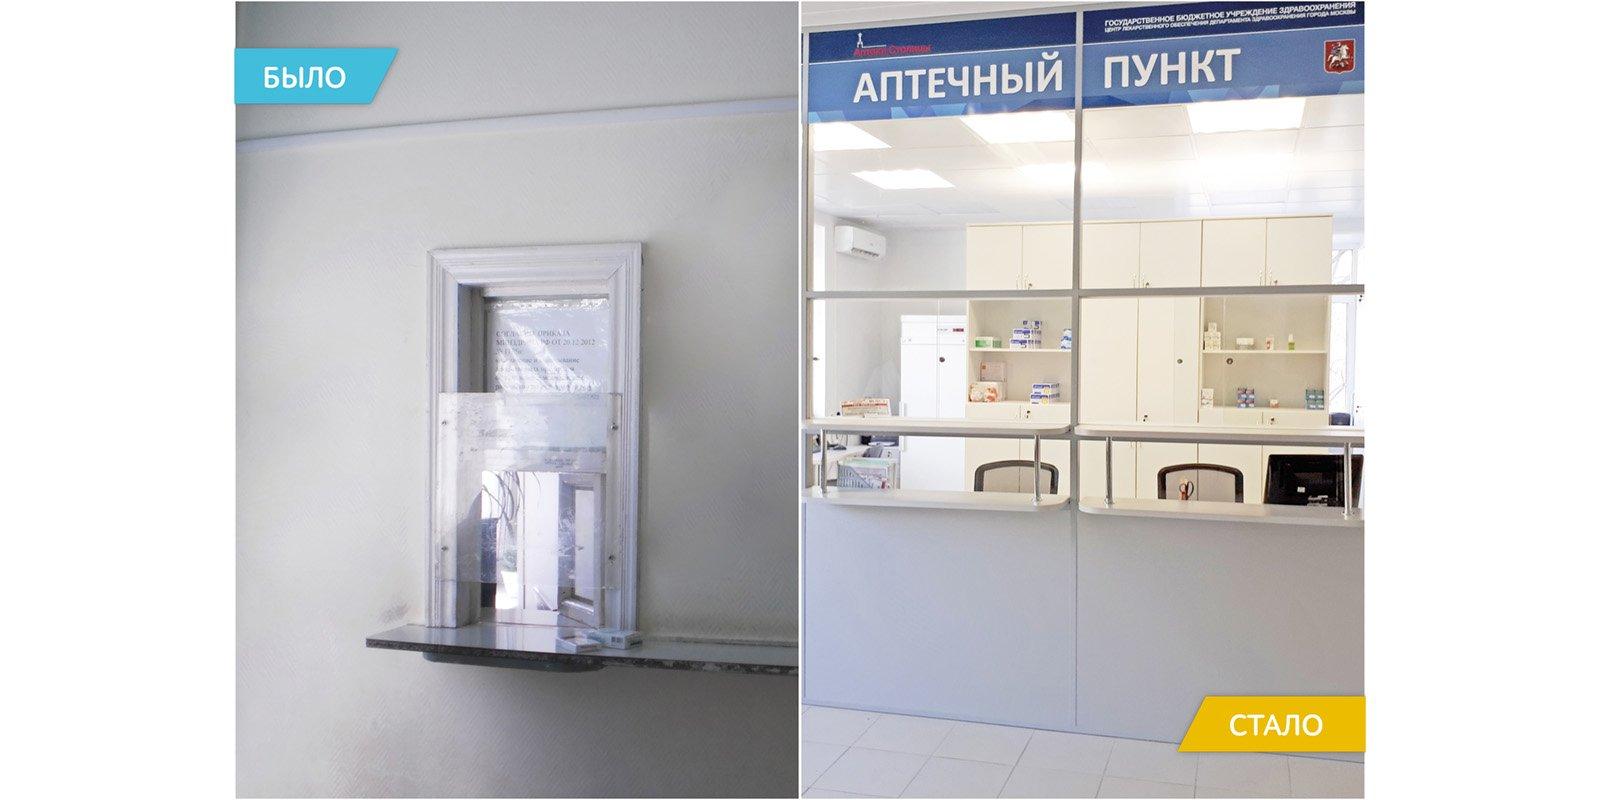 Аптечные пункты Москвы сделают комфортнее для посетителей